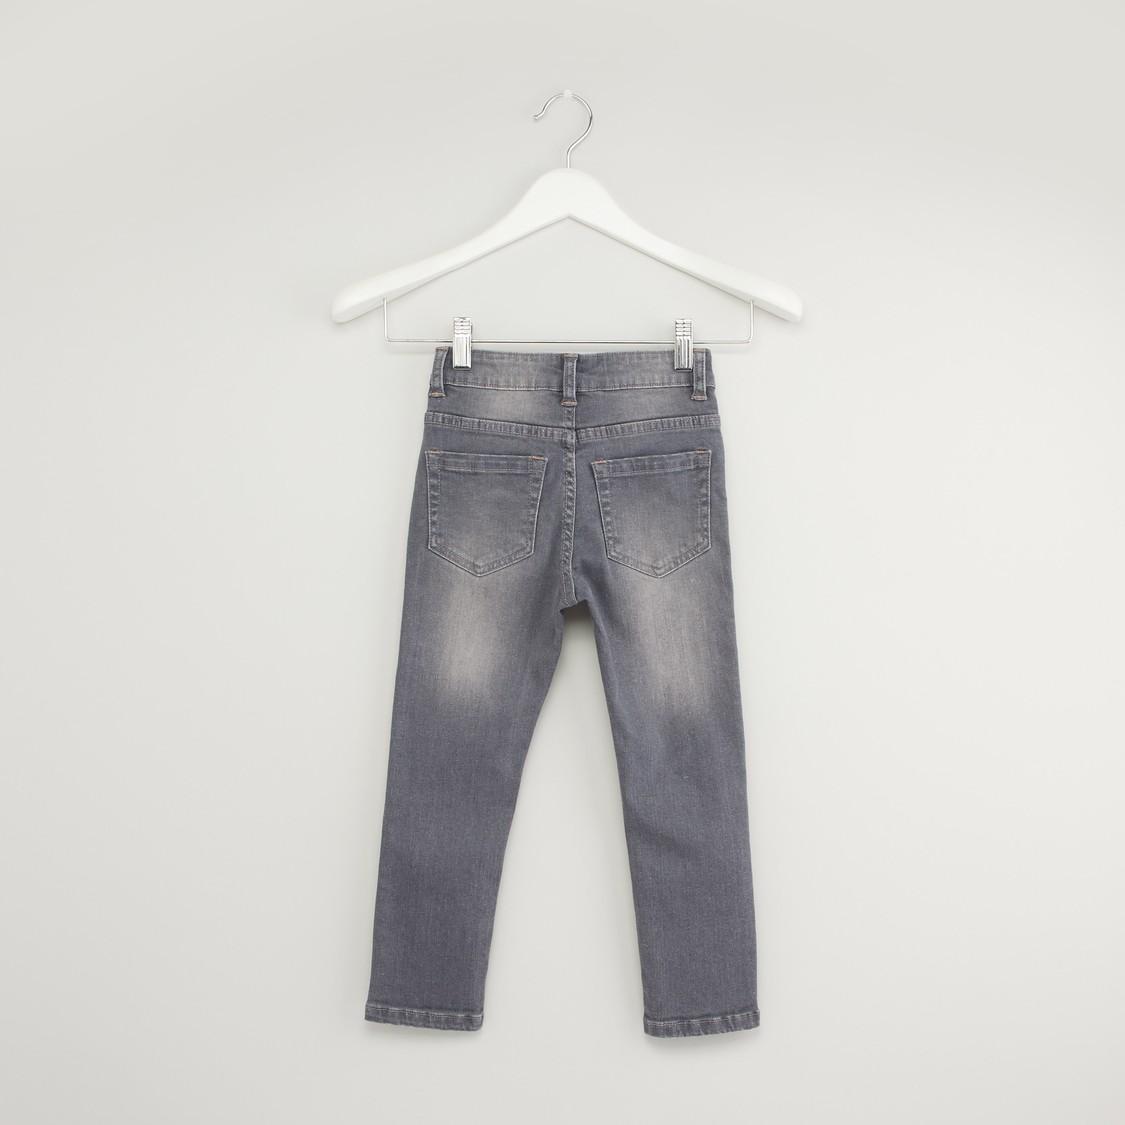 بنطلون جينز بتفاصيل ترتر بتصميم فراشة وجيوب